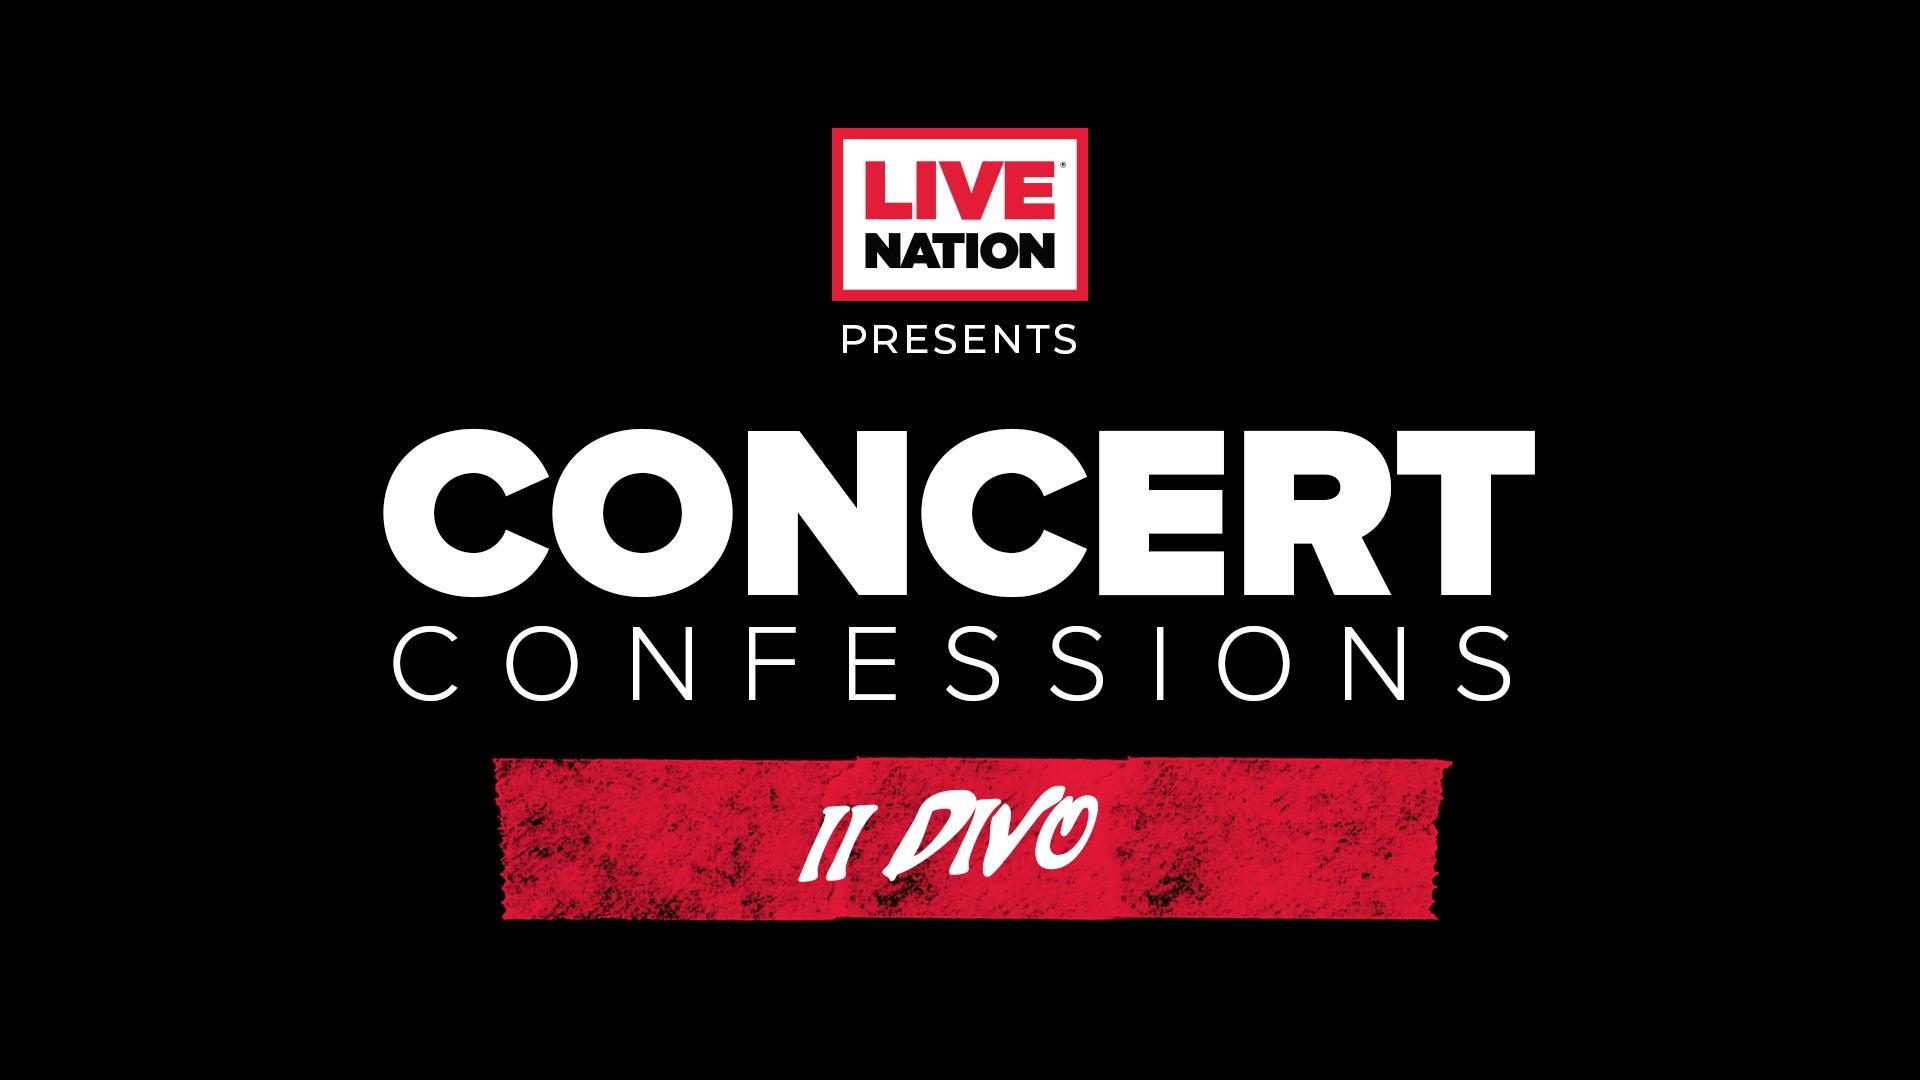 Concert Confessions: Il Divo